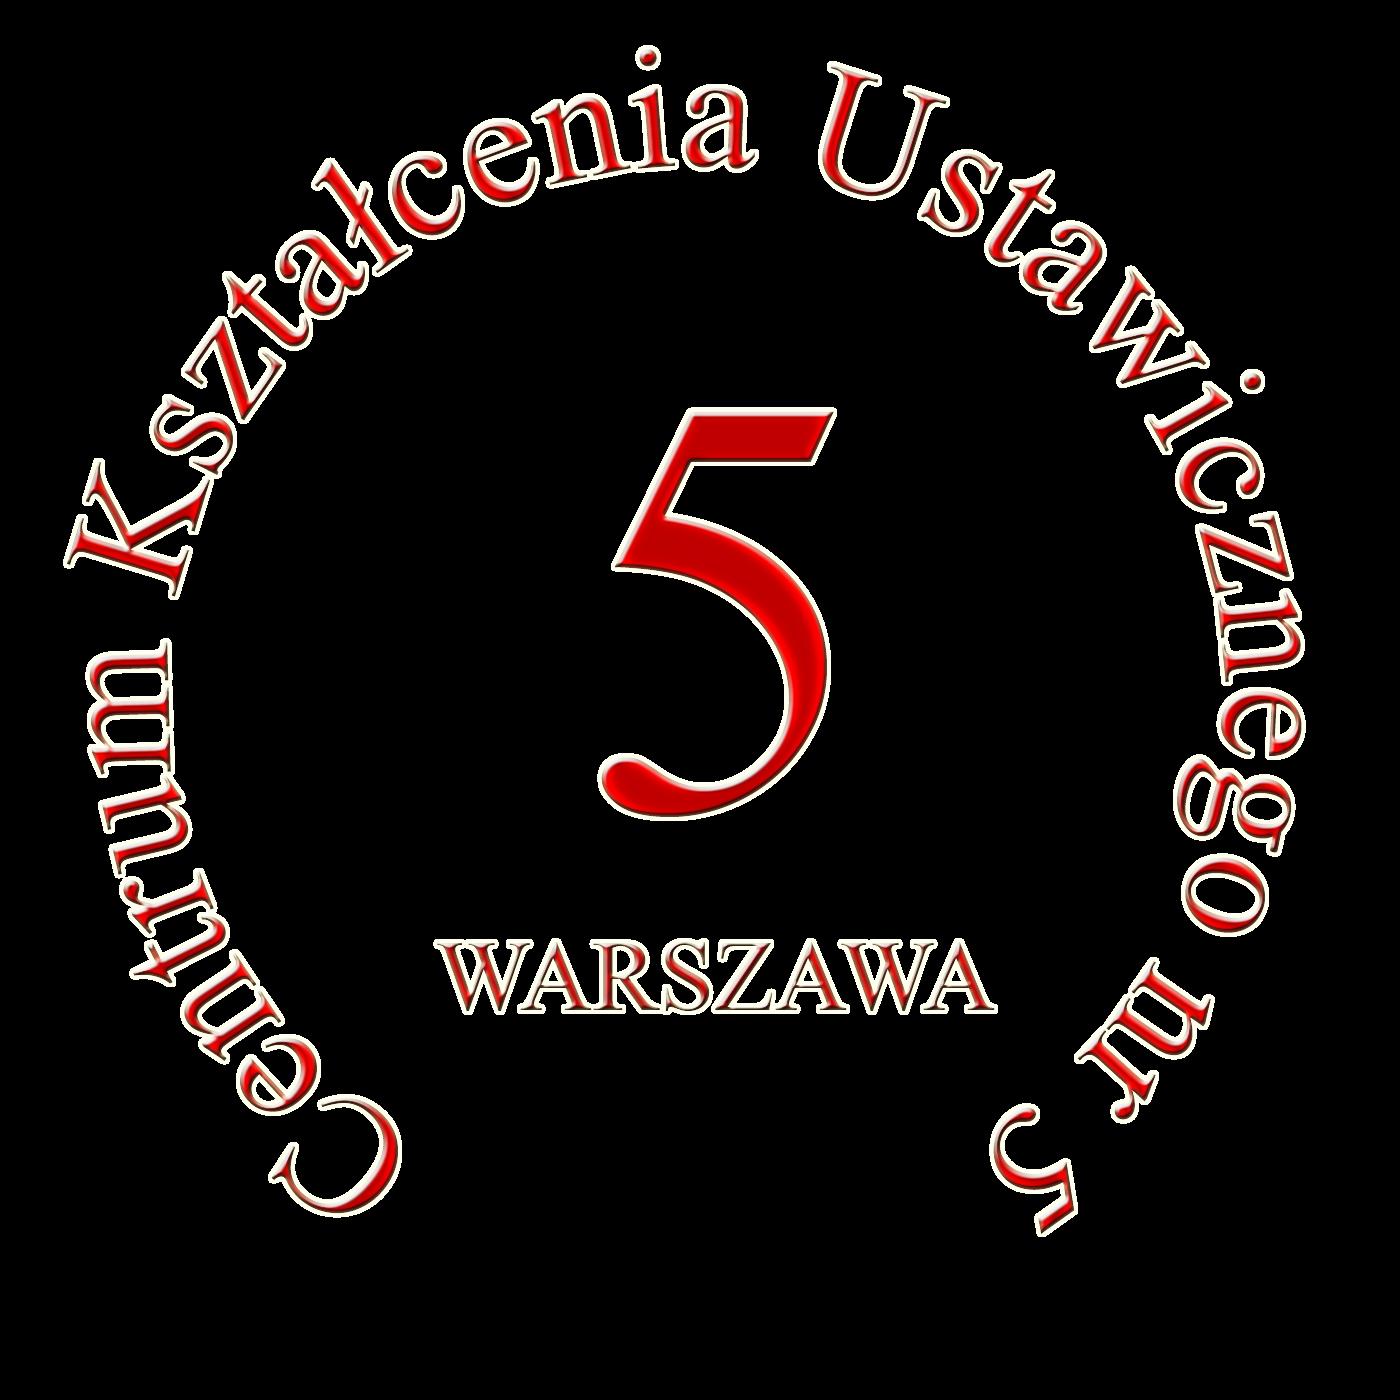 Logo CKU5 Warszawa